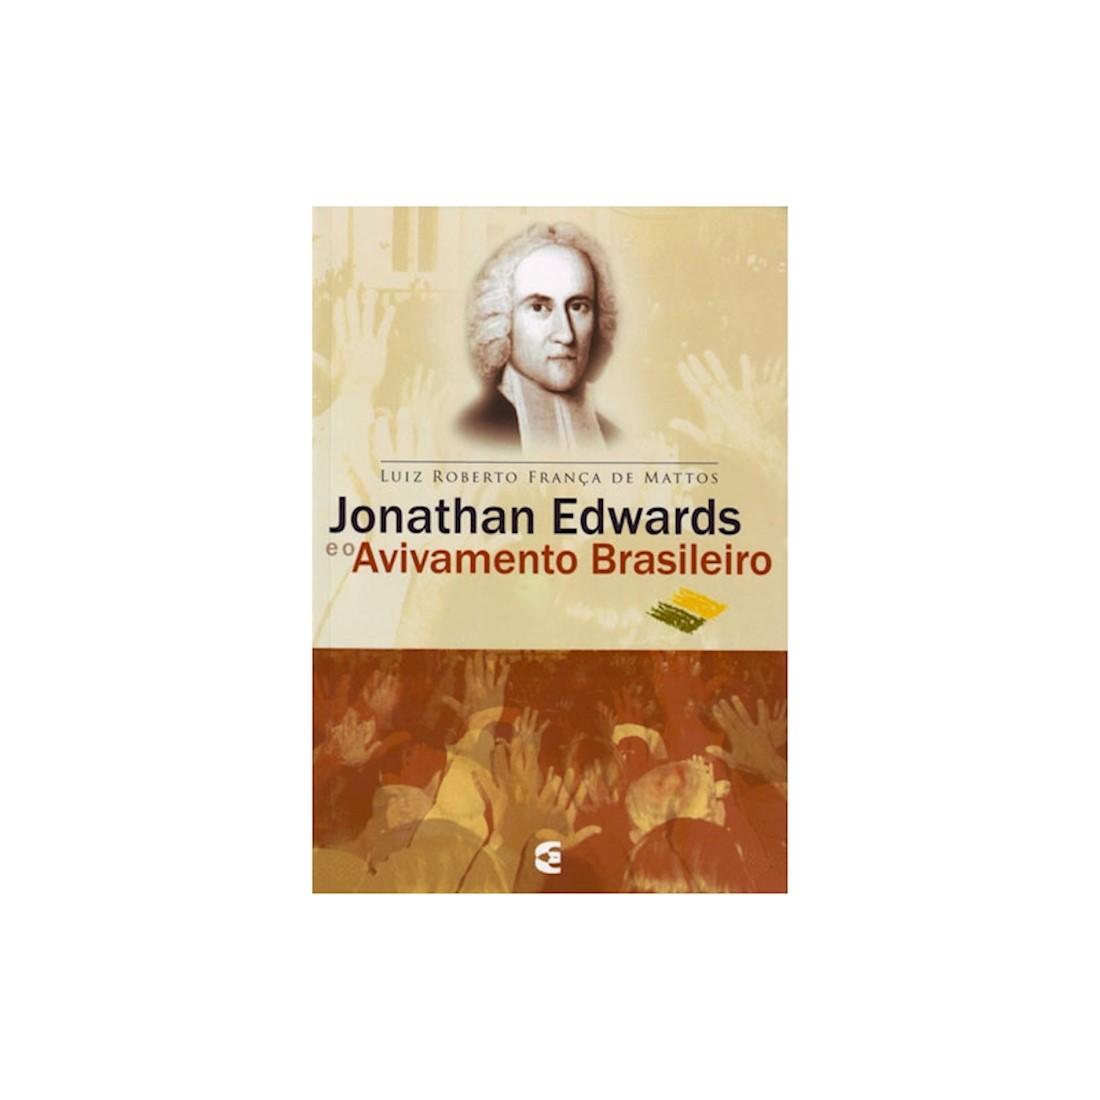 Livro Jonathan Edwards e o Avivamento Brasileiro